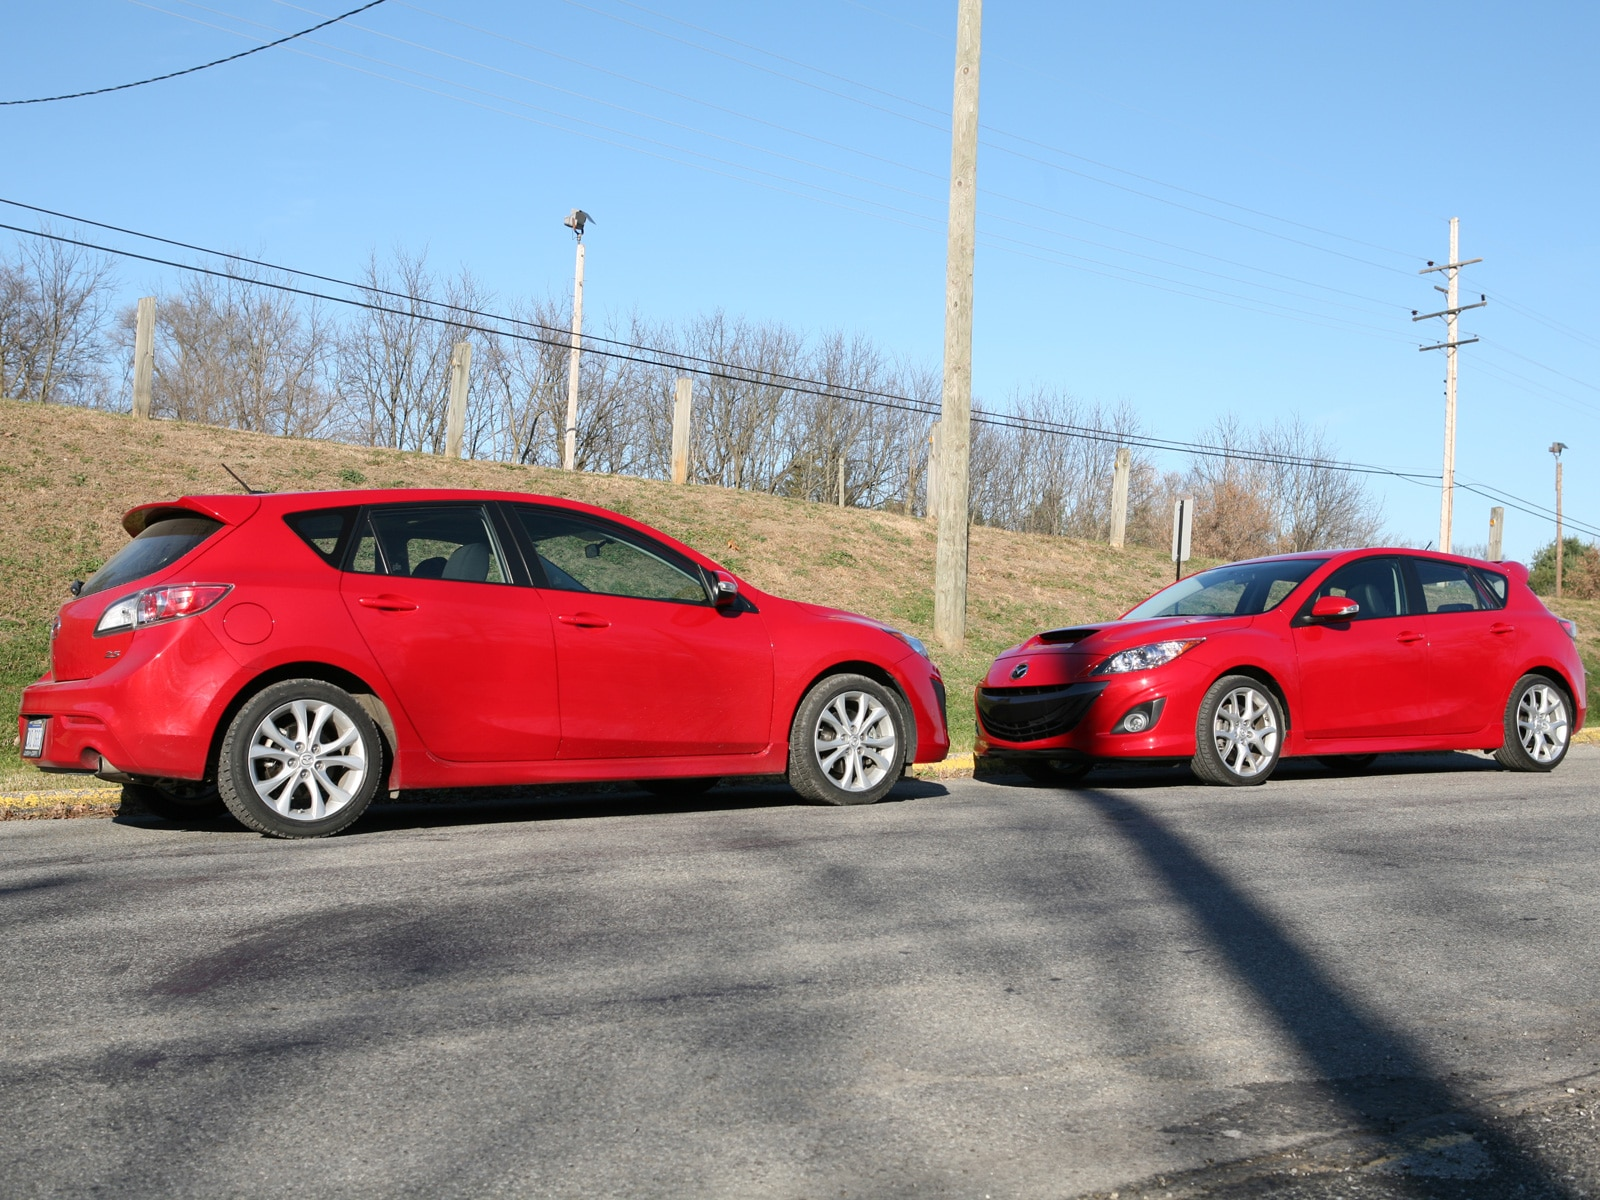 0911 03 Z 2010 Mazda3 VS Mazdaspeed3 Head To Head